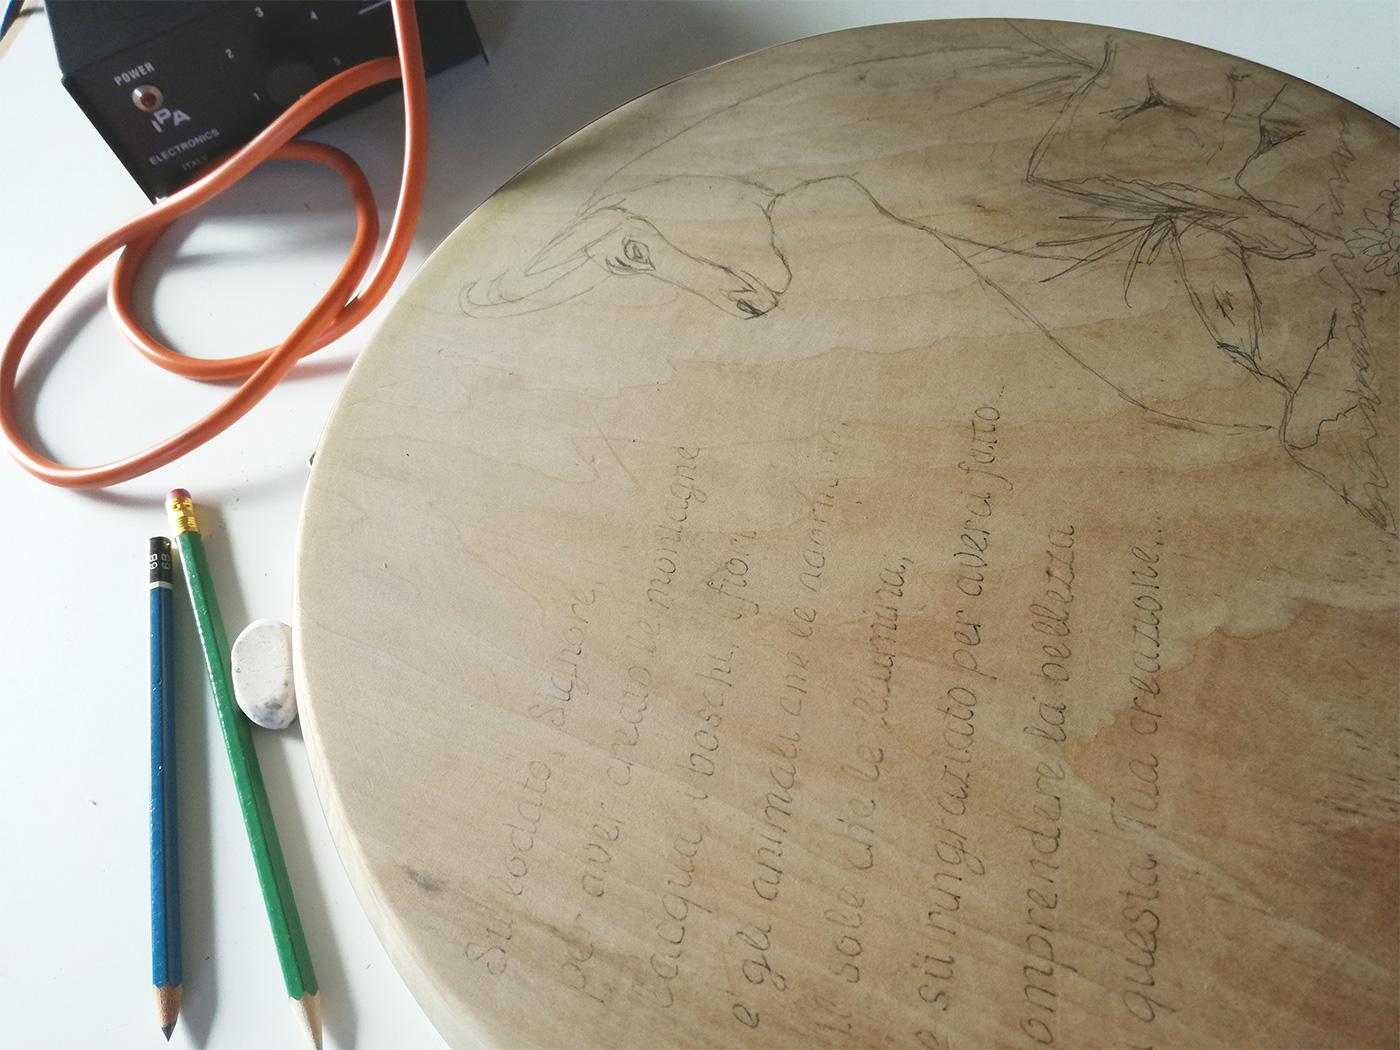 progettazione grafica pirógrafo wood design pirografia pyrography draw